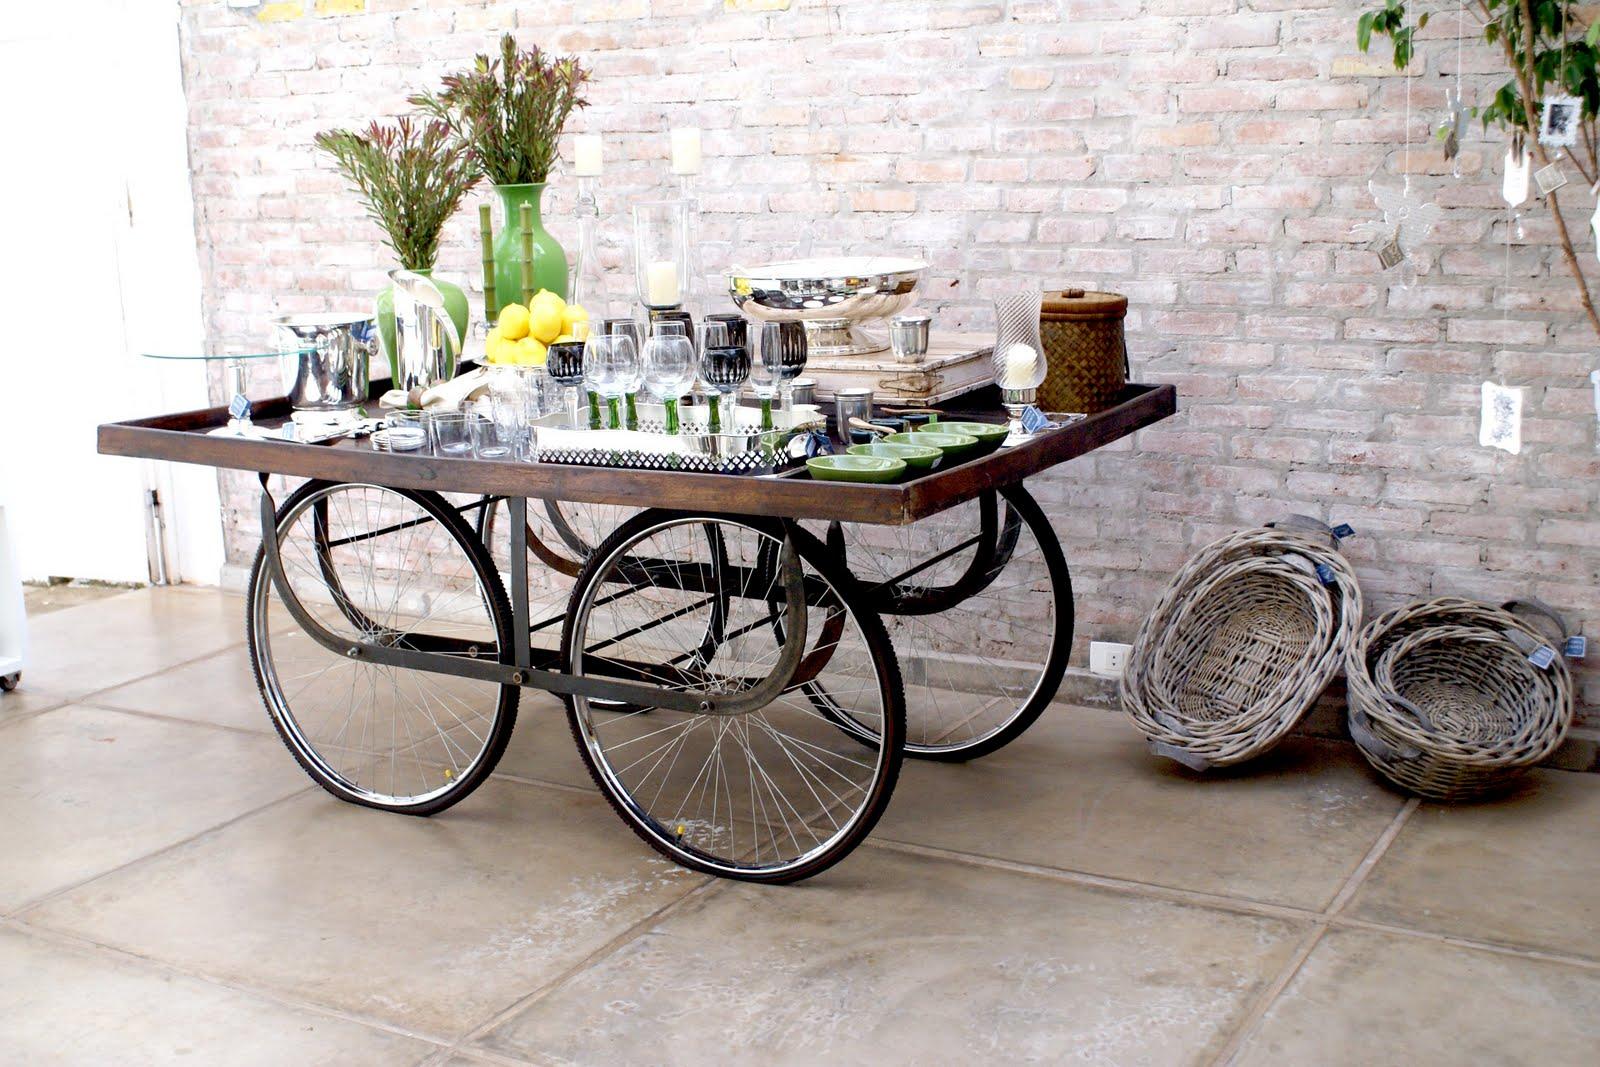 enfeite jardim bicicleta:Festa, Sabor & Decoração: Bicicleta na decoração